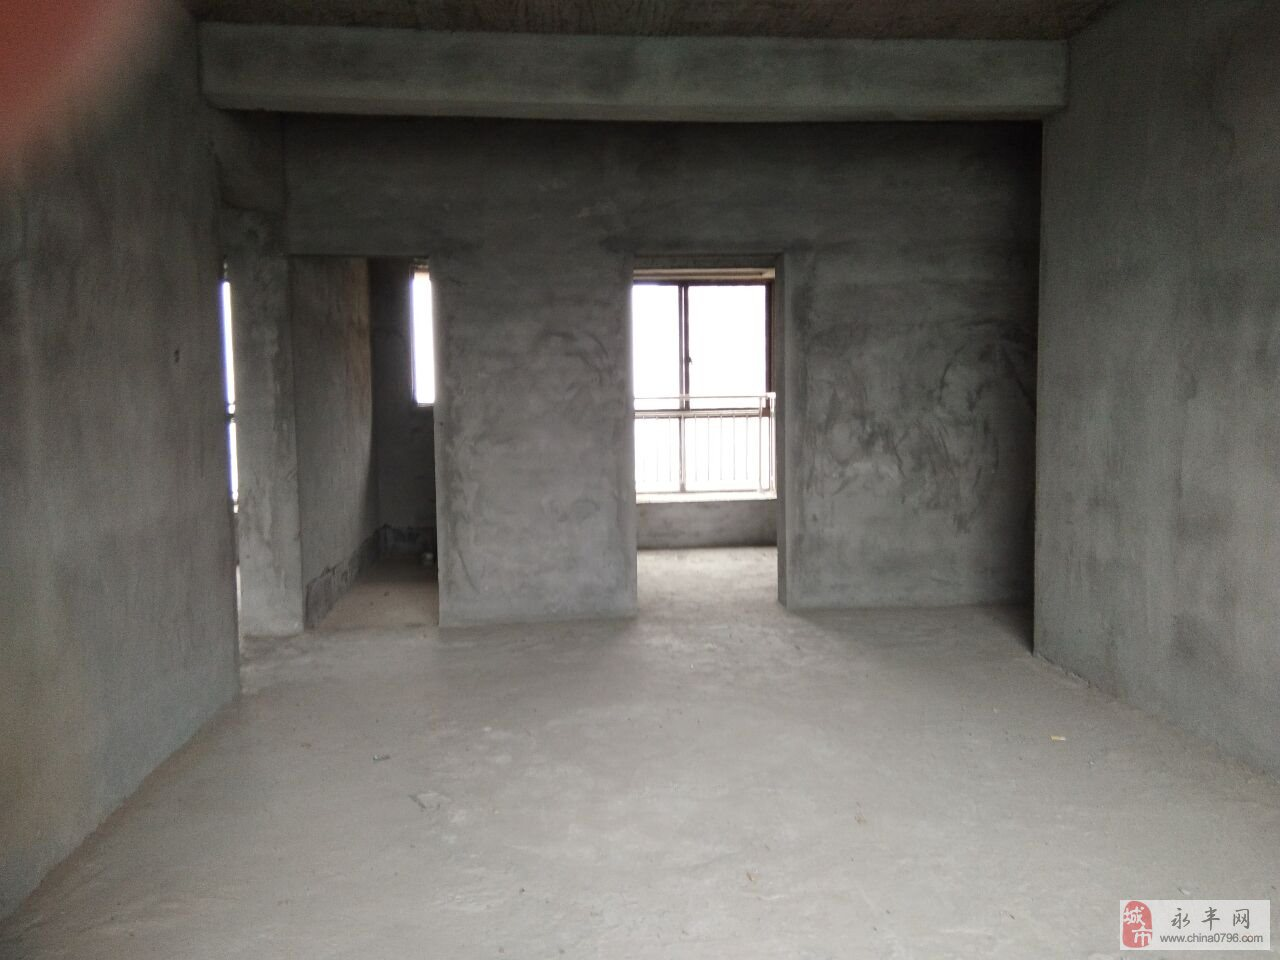 桥南金峰苑3室2厅2卫78万元纯毛坯